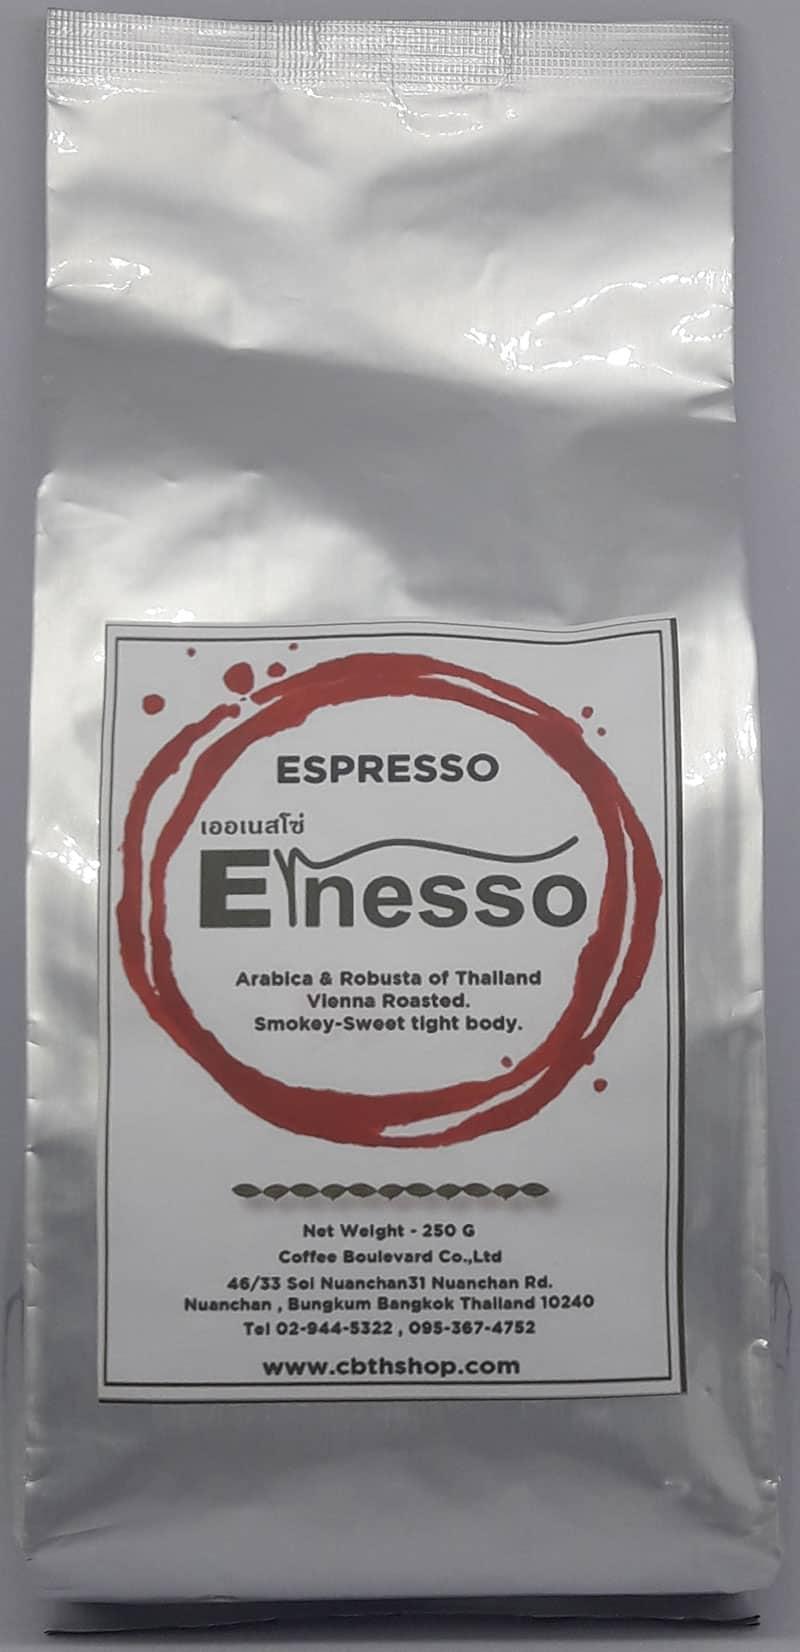 Ernesso Espresso